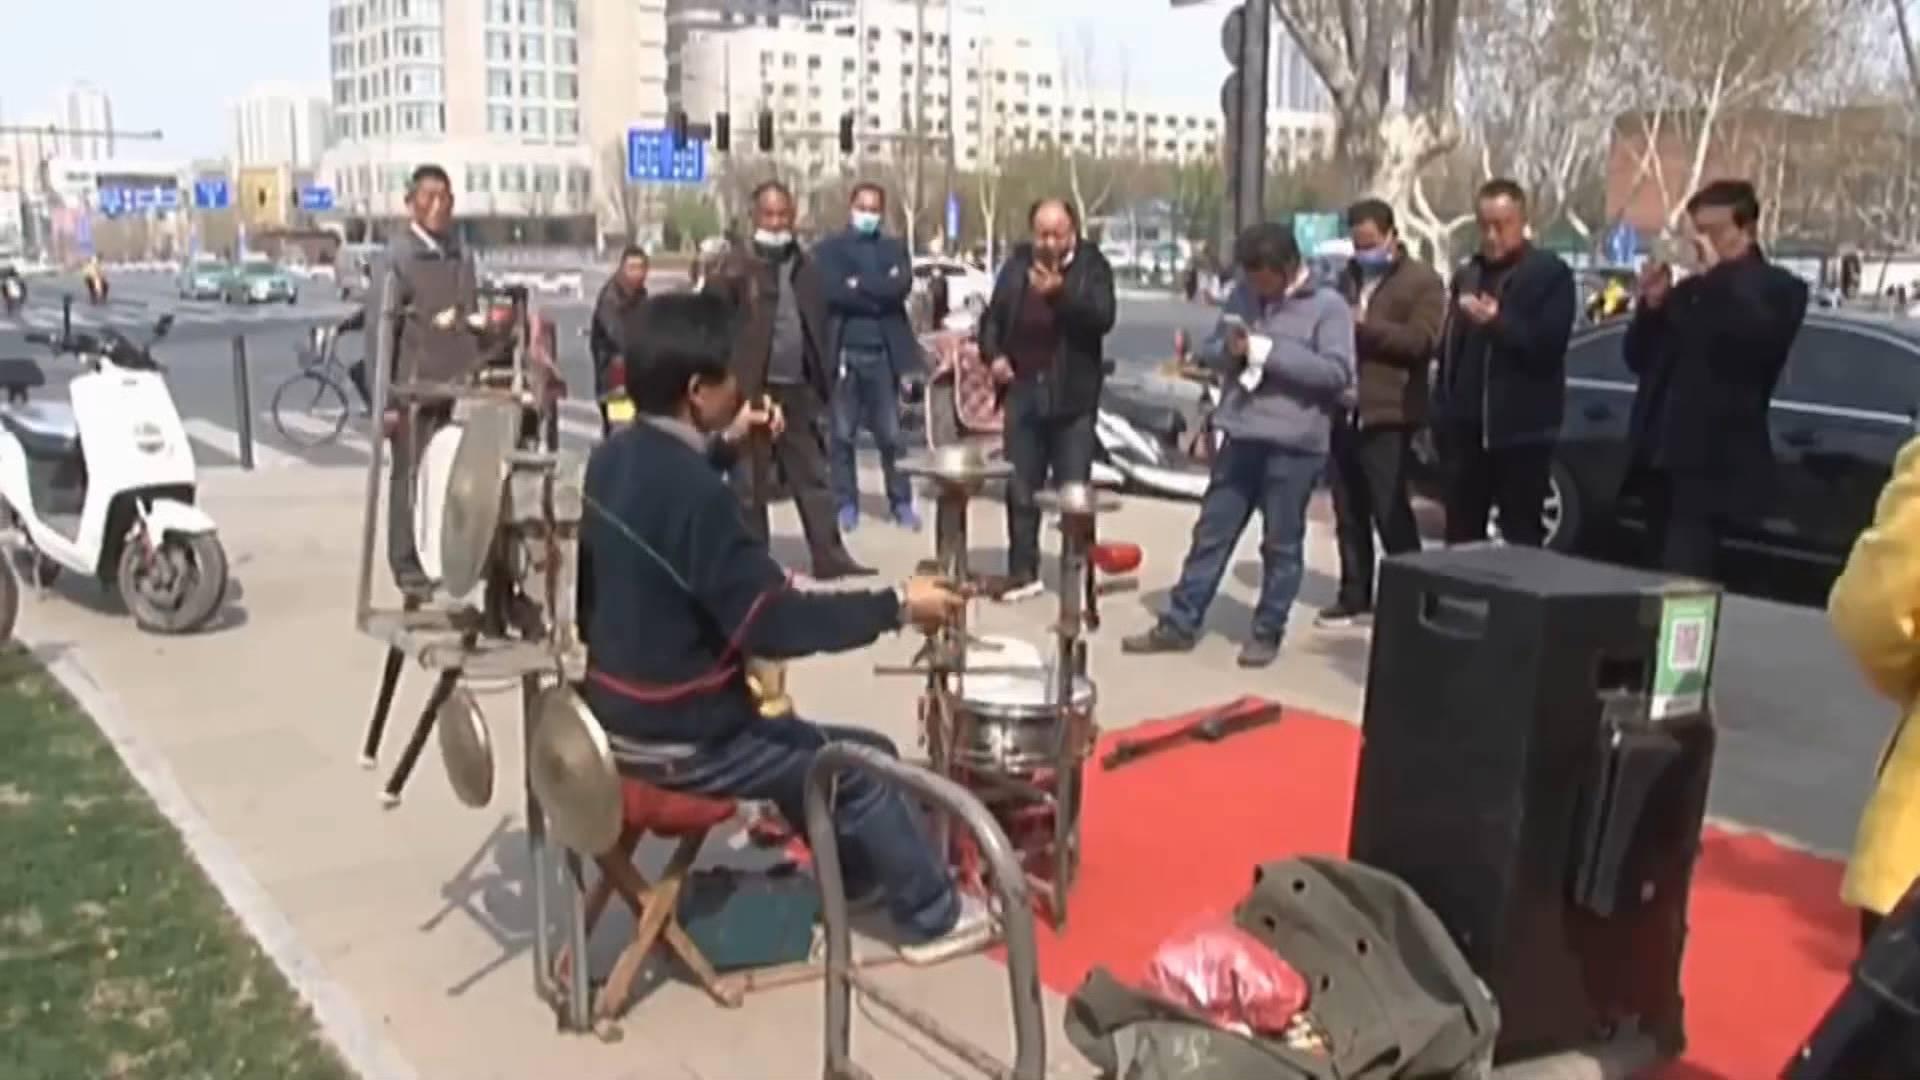 33秒丨高手在民间!男子手脚并用同时操作13种乐器:自己就是一个乐队